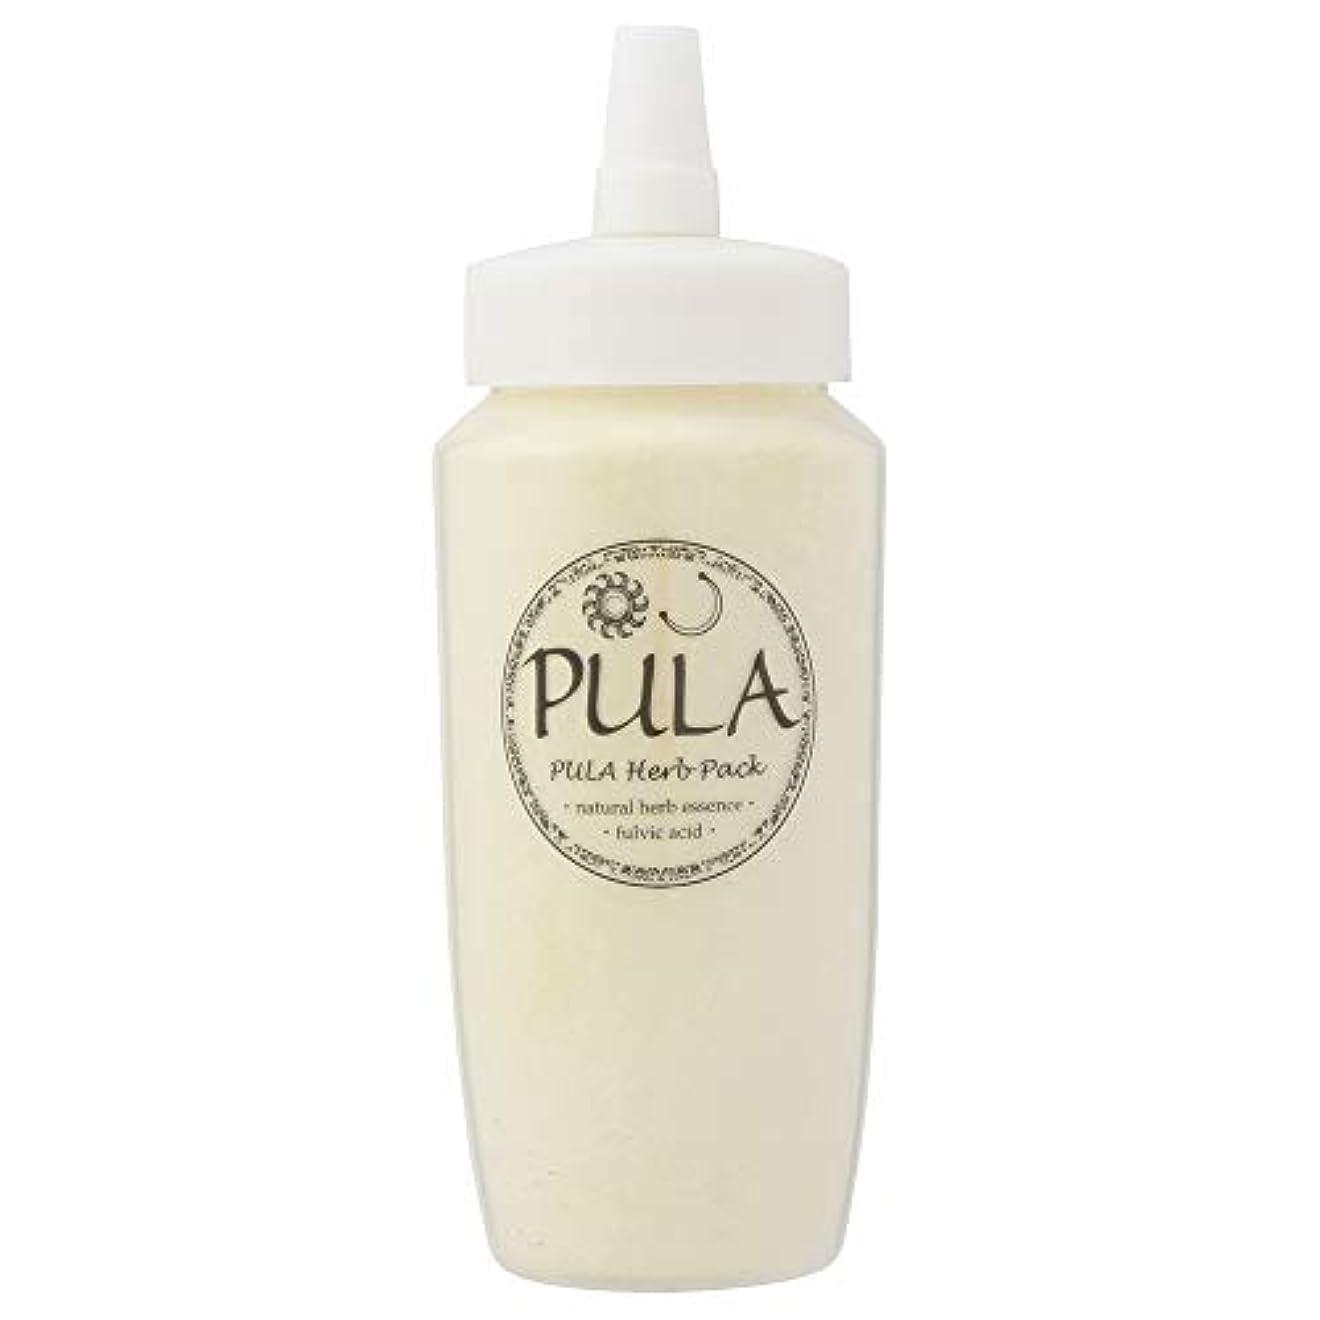 更新するグリットランダムプーラ ハーブパック 200g (頭皮用パック)【ハーブ&フルボ酸】 ヘッドスパ専門店 PULA 100%自然由来配合